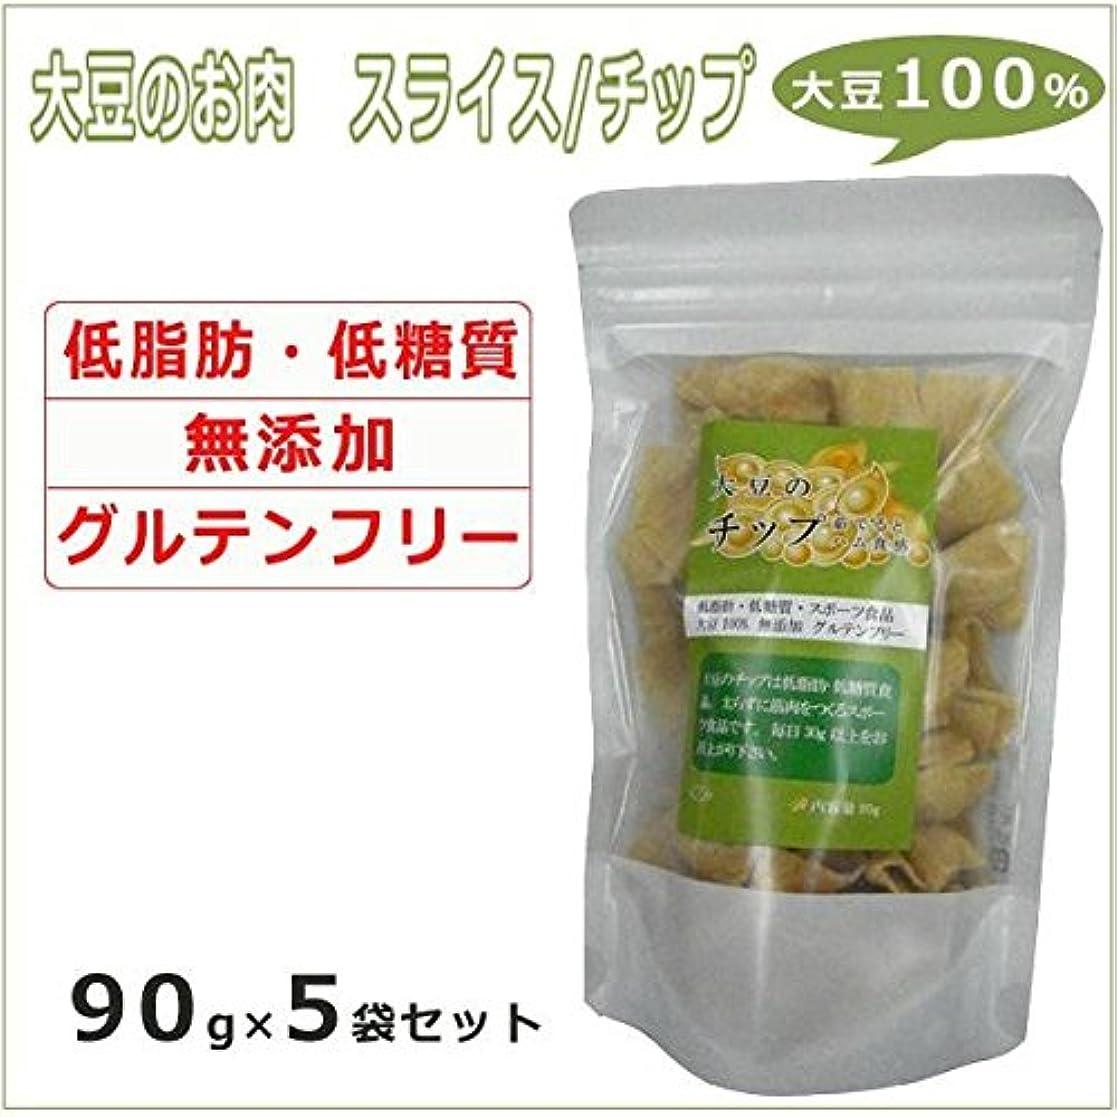 取り扱い認識カビ大豆のお肉 ソイミート スライス/チップ 90g×5袋